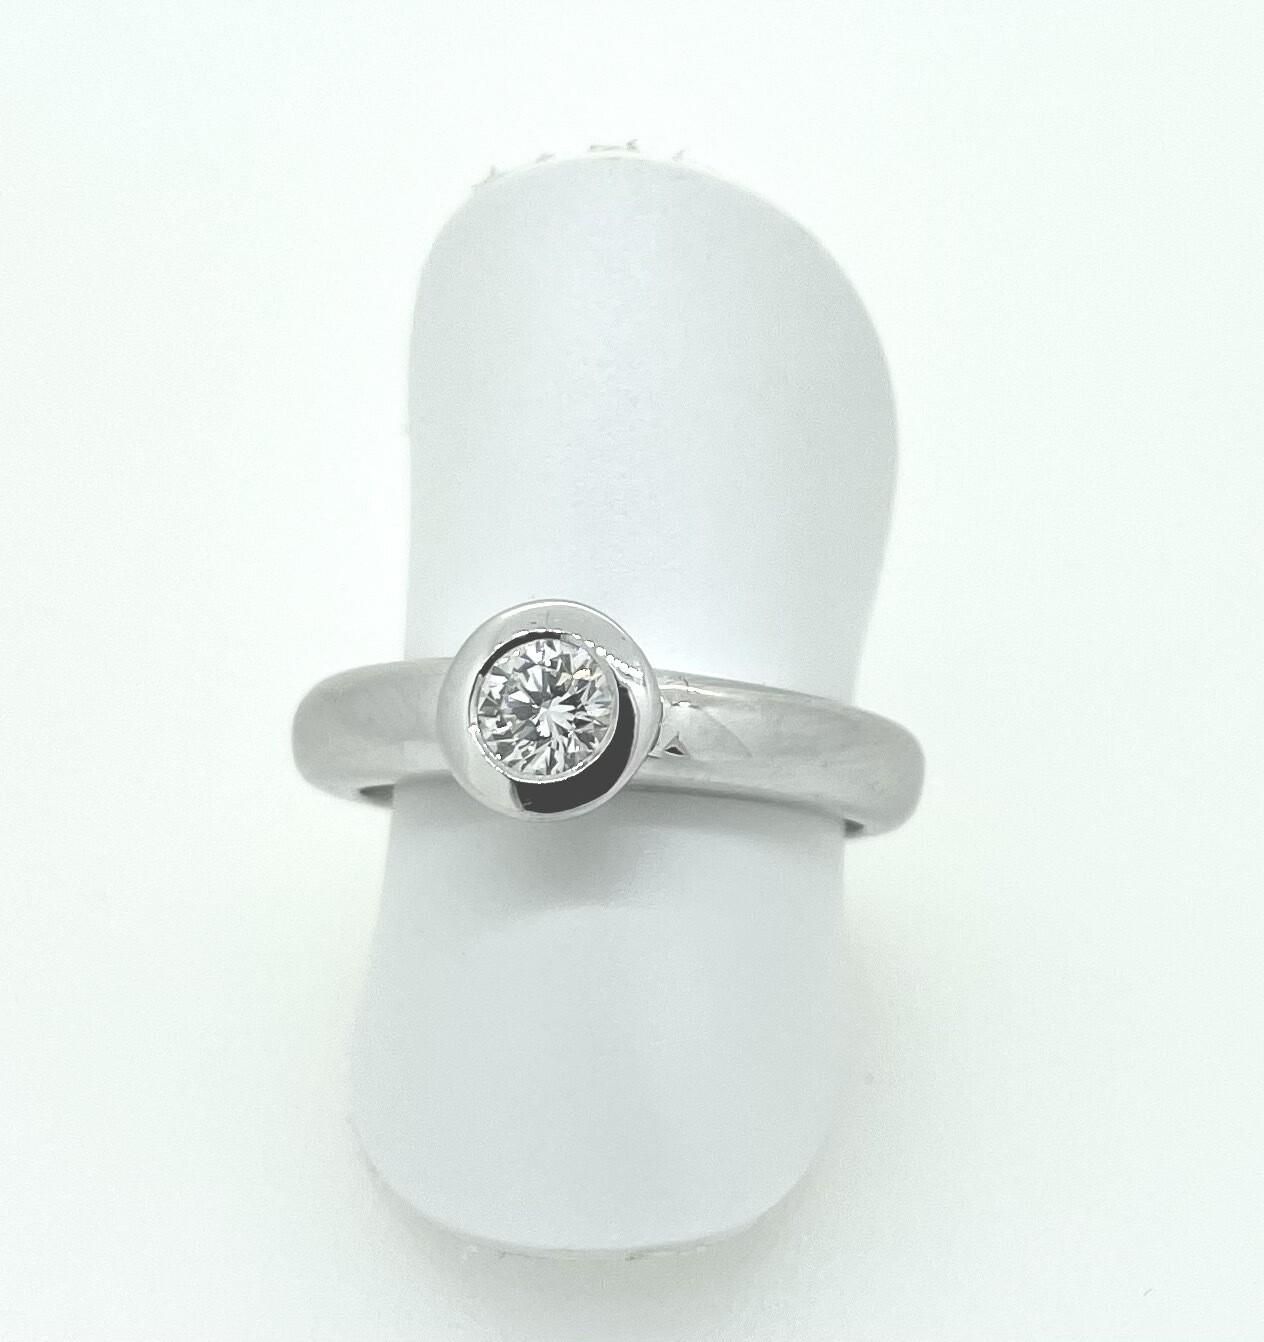 Solitario de oro blanco, con un diamante talla brillante de 0,30 ktes de peso.